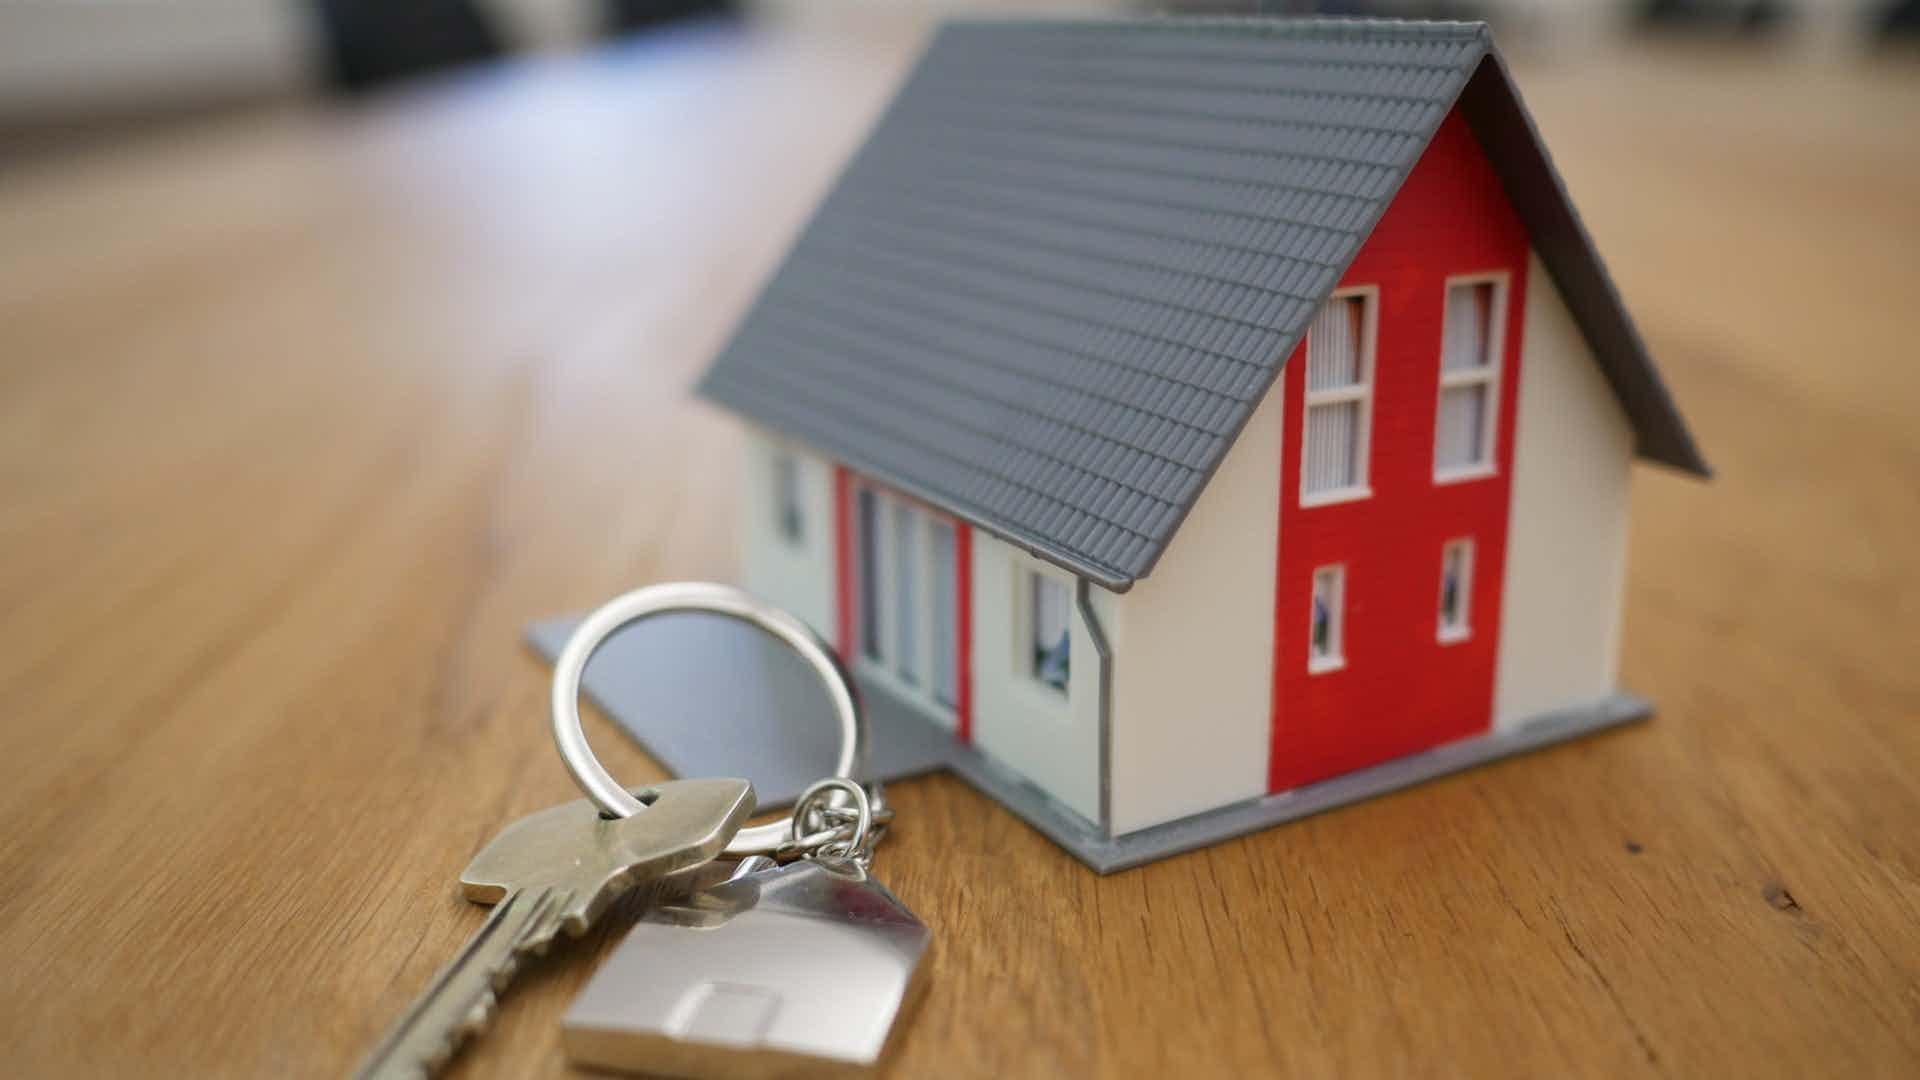 hypotheek advocaat zoeken ()